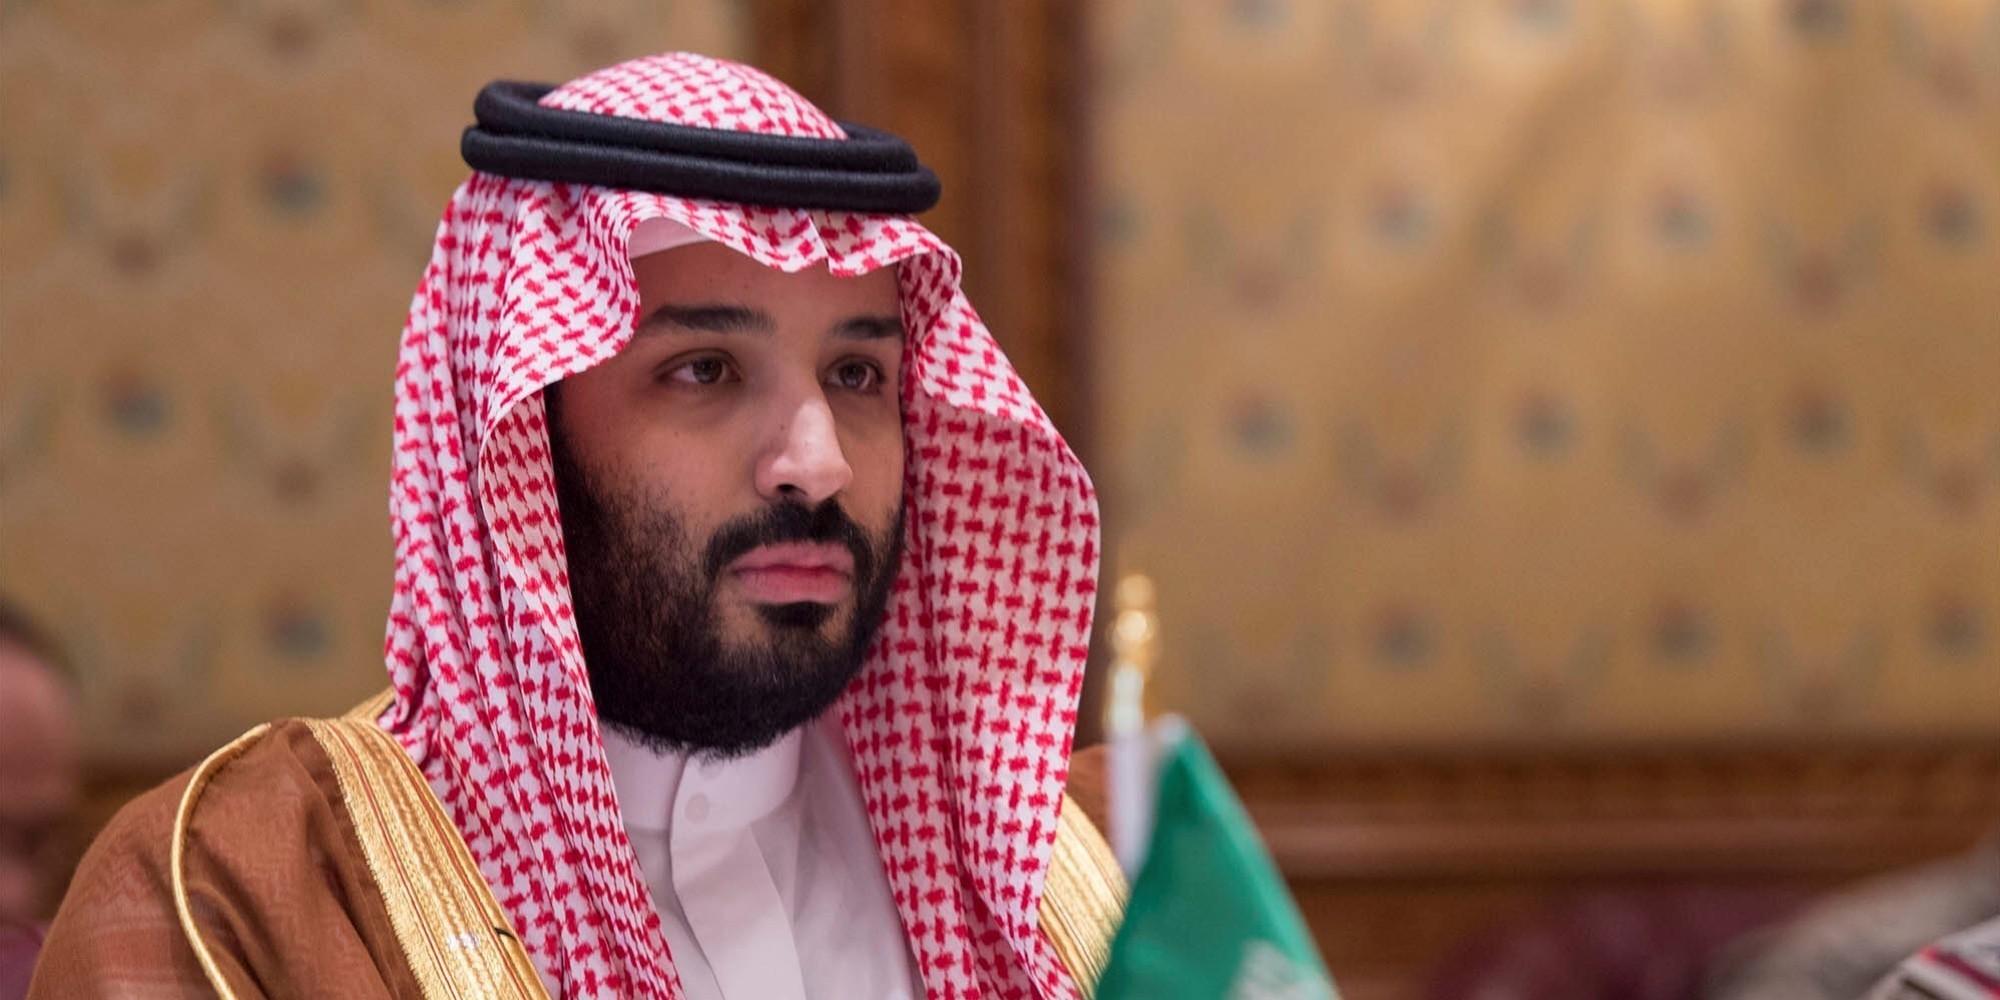 أشهر مغرد في السعودية: بن سلمان سيصبح ملكاً بعد أيام.. وهندرسون: 3 خطوات أمامه للاستيلاء على العرش